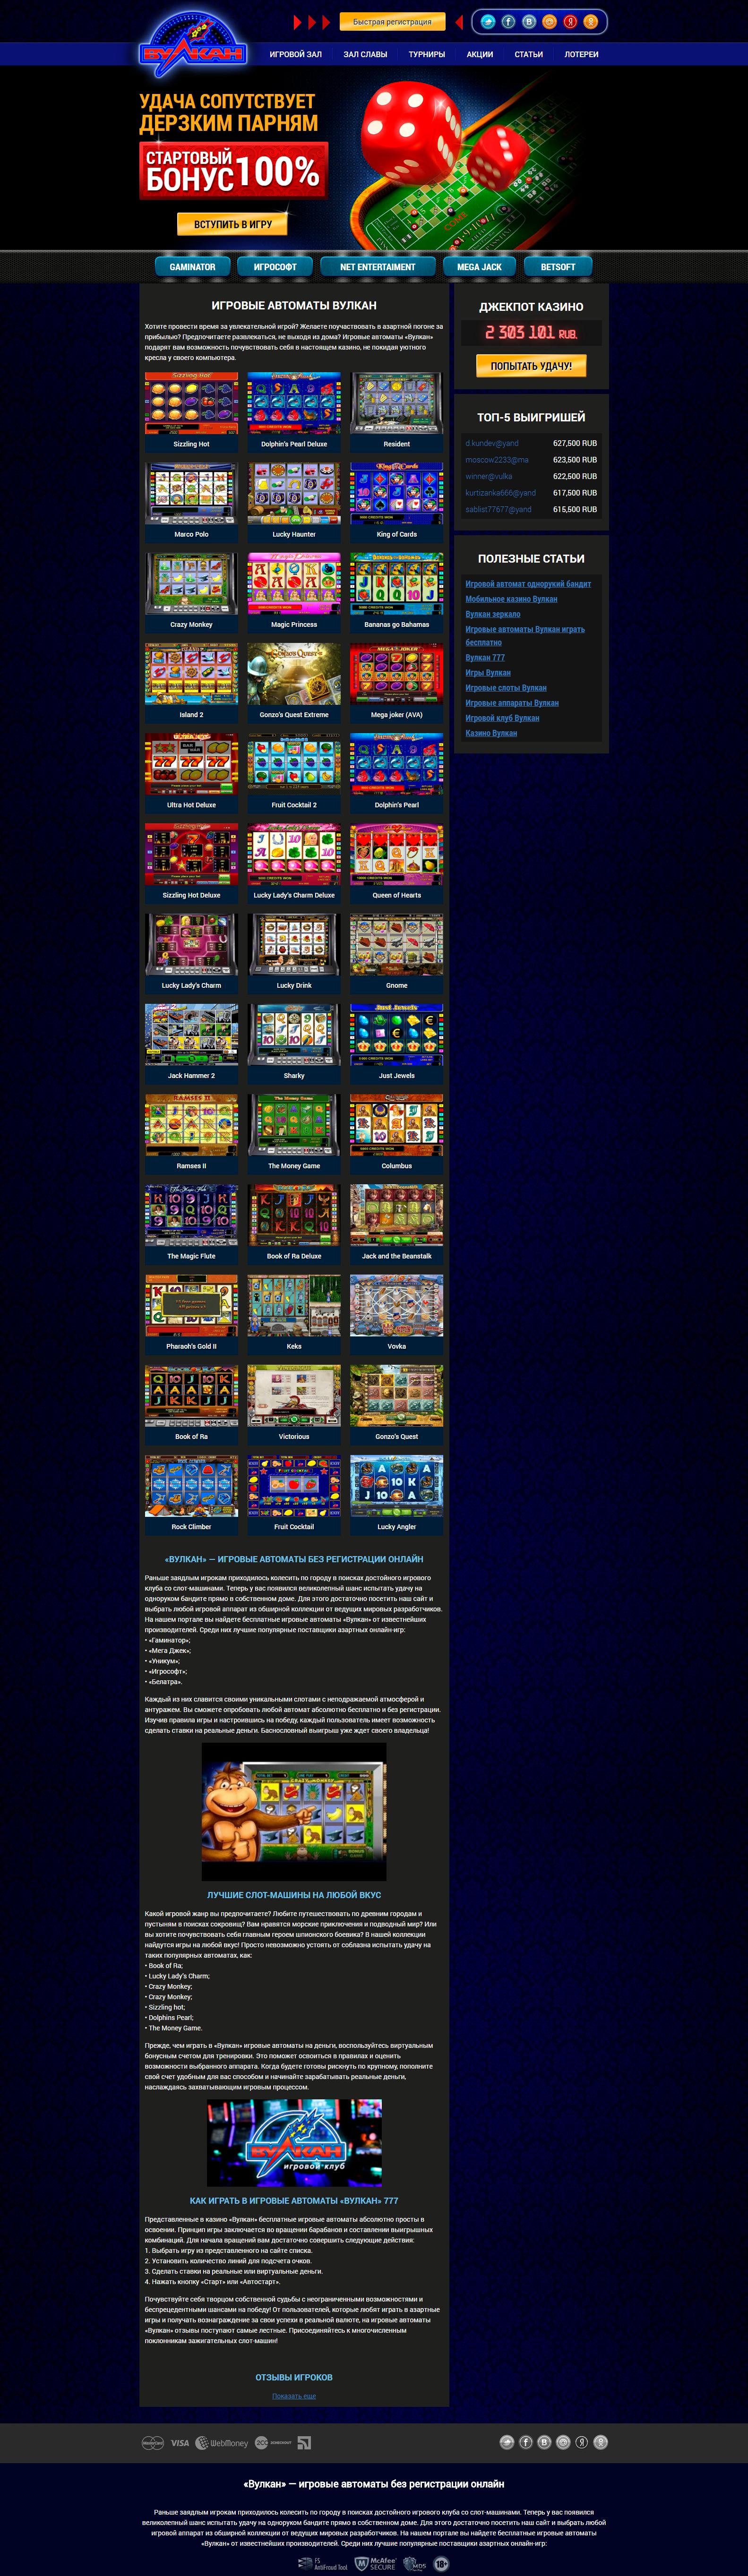 Сайт Игровых автоматов